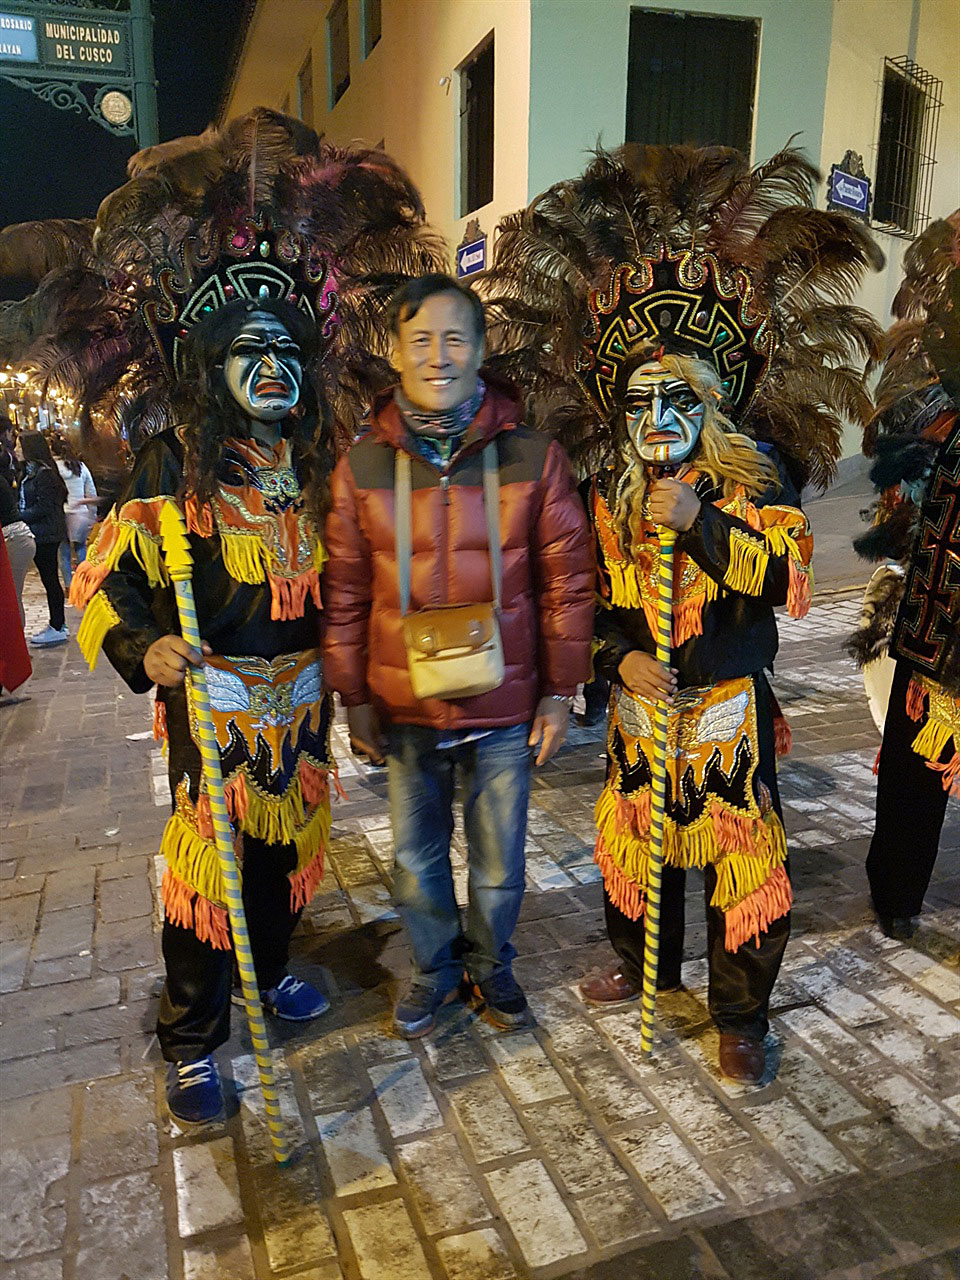 잉카제국군 분장 '태양제' 거리퍼레이드에서 잉카제국군 분장을 한 참가자와 잠시 사진촬영을 했다.